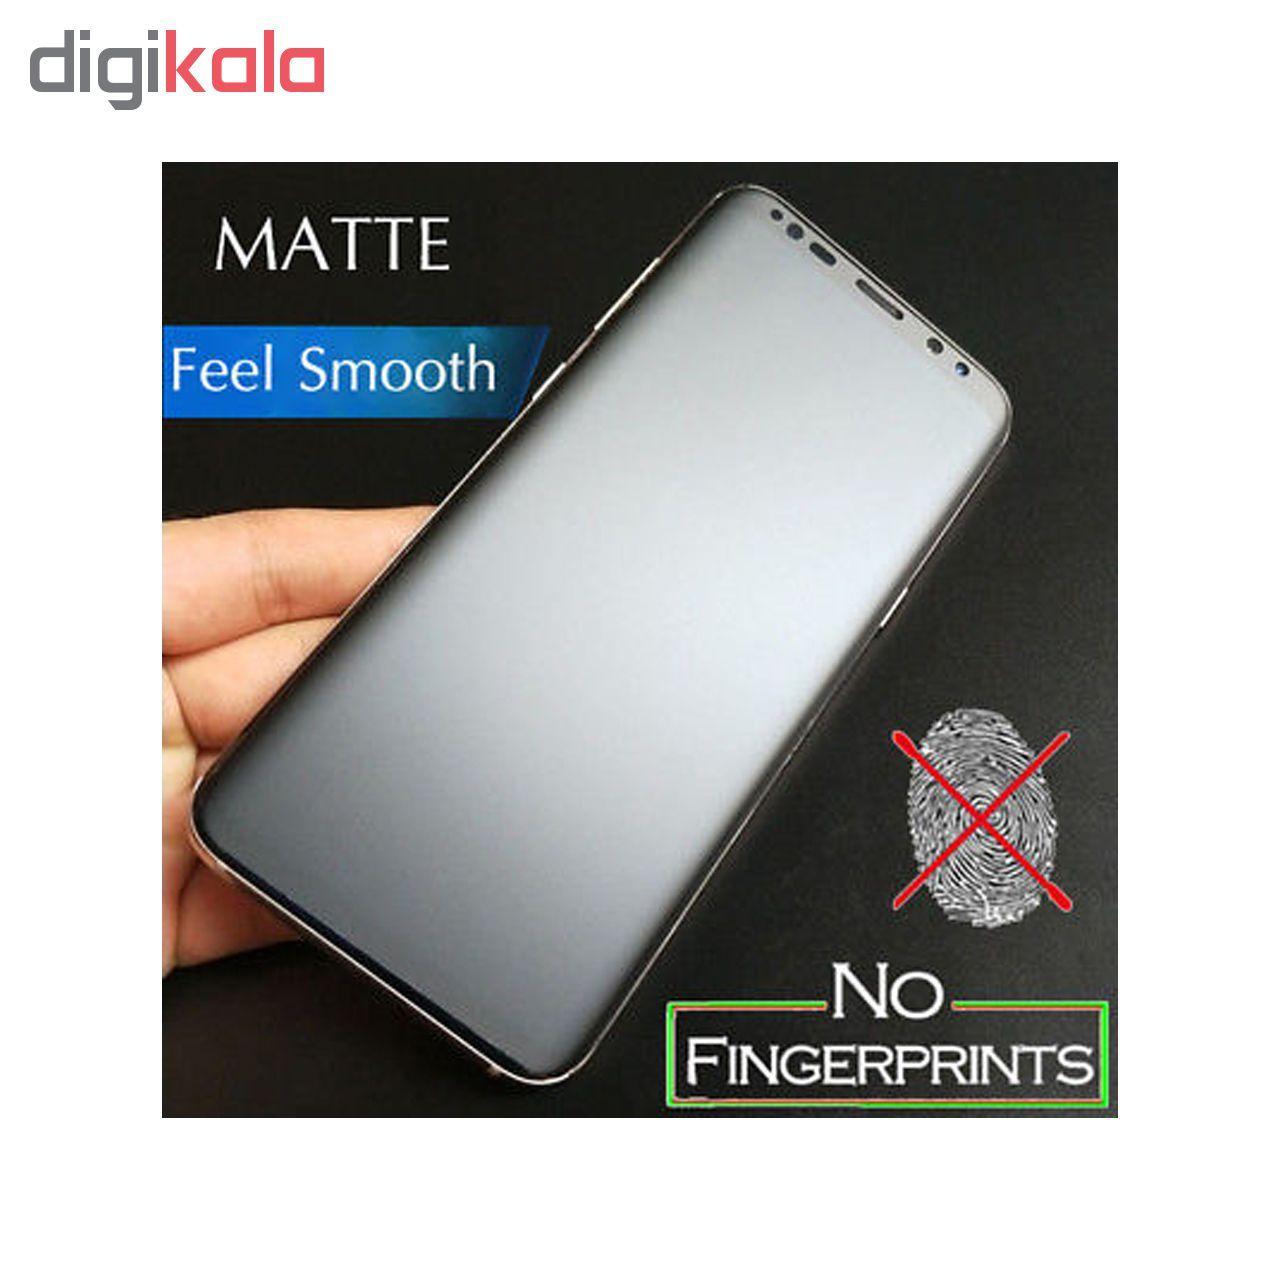 محافظ صفحه نمایش  یووی لایت Hard and thick مدل U-02 مناسب برای گوشی موبایل سامسونگ Galaxy Note 9 main 1 3